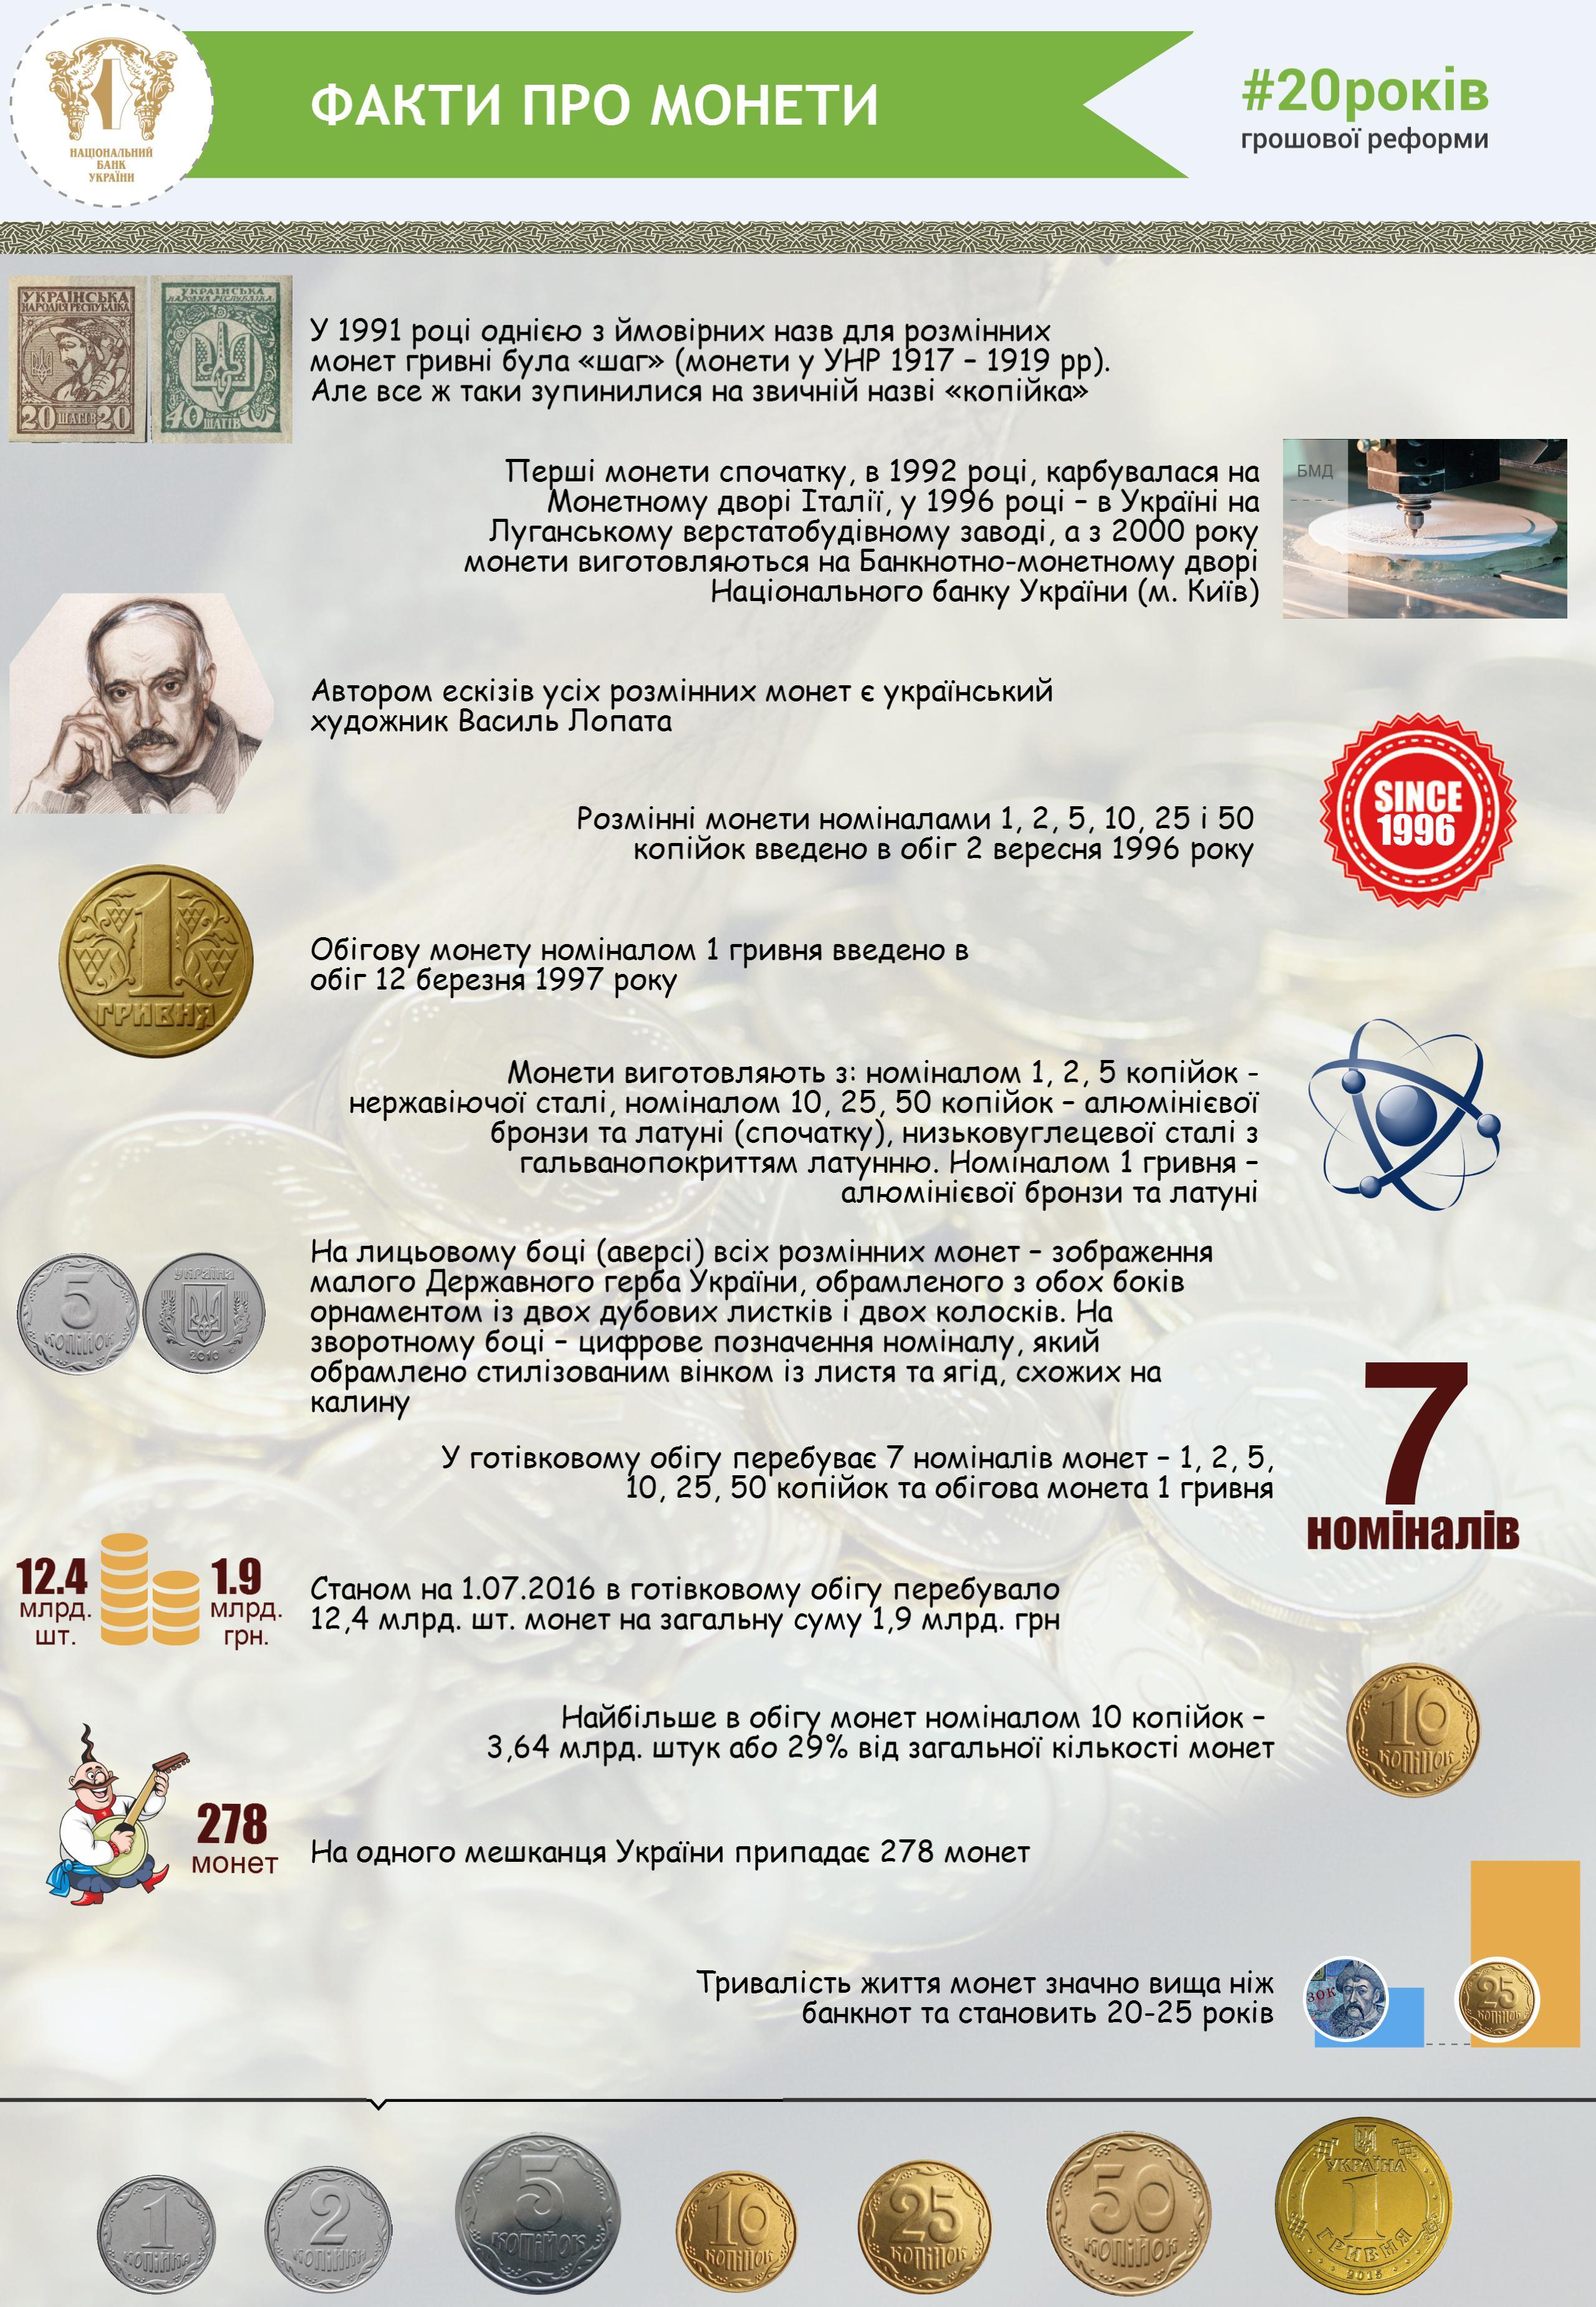 Факти про монети 2560 x